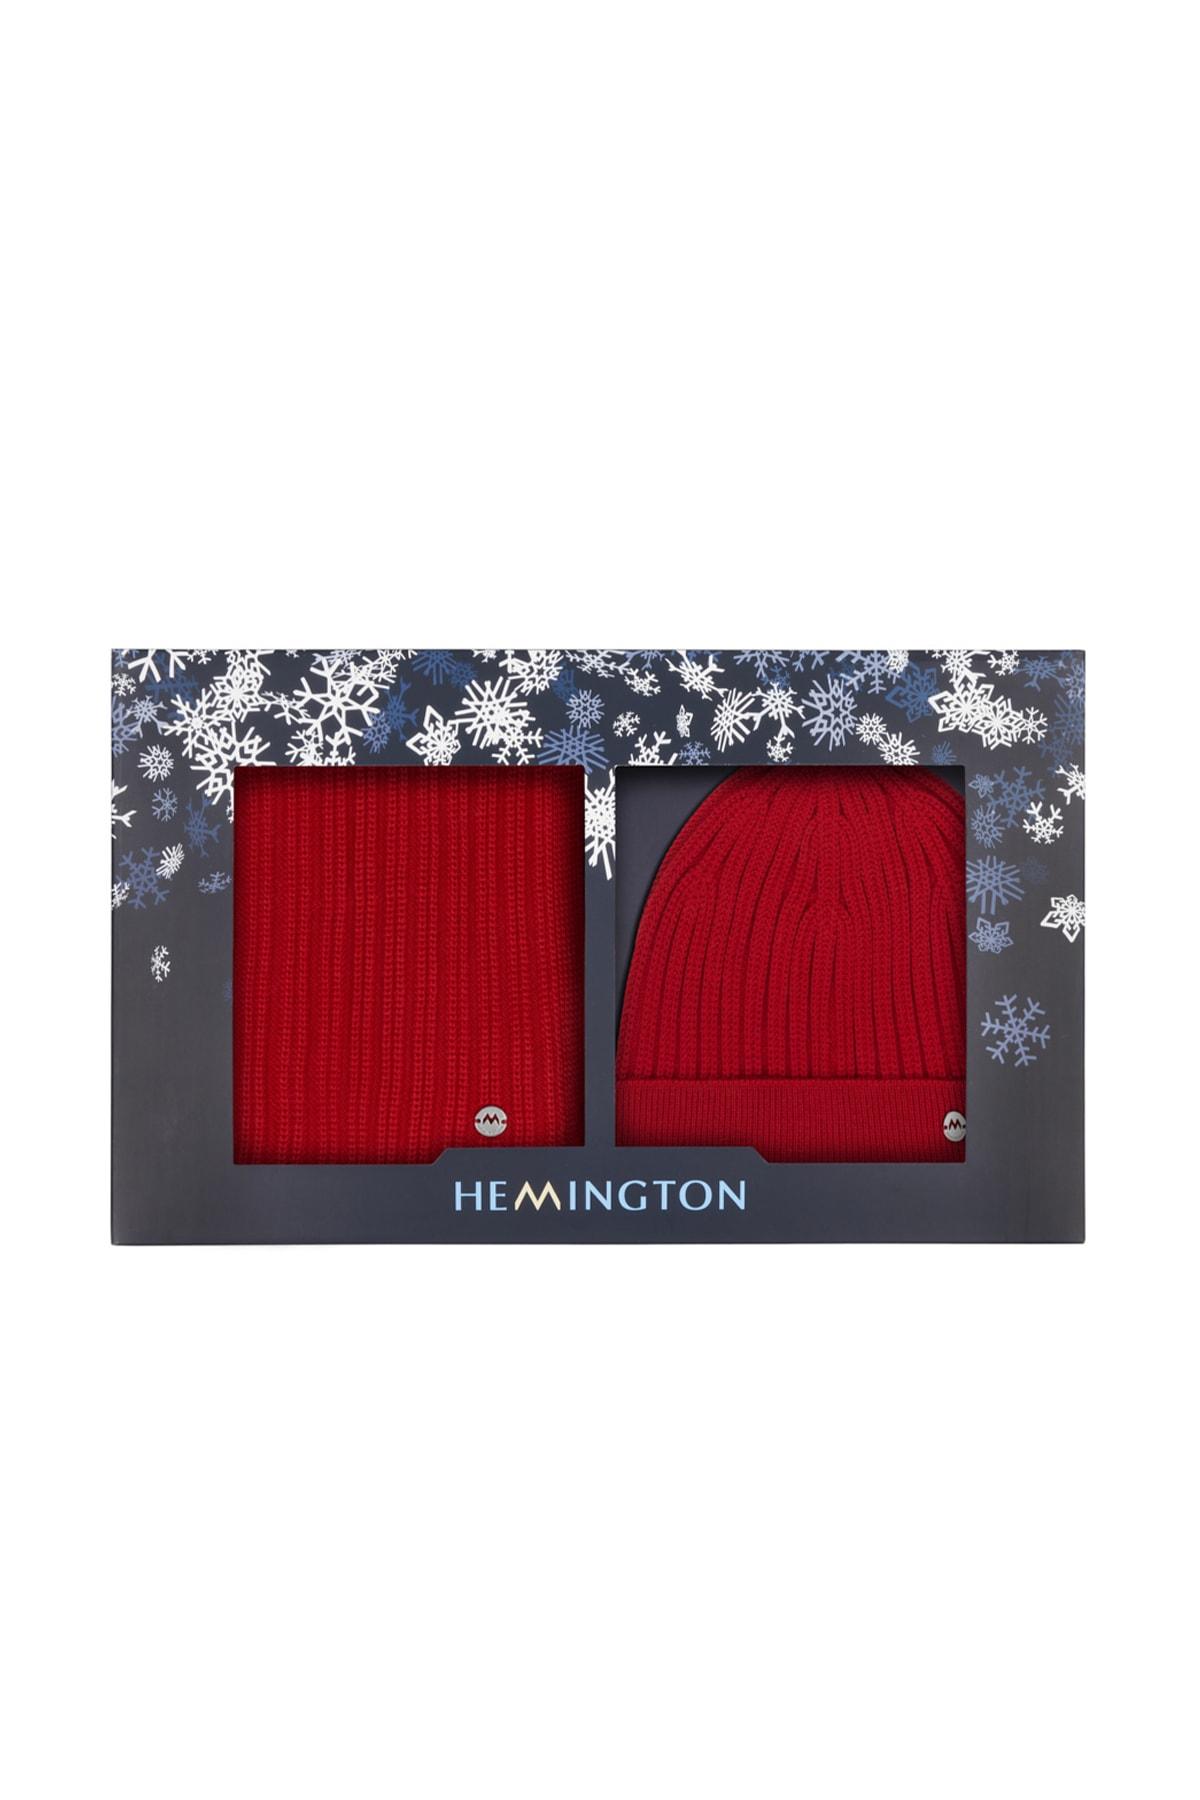 Hemington Erkek Kırmızı Yün Atkı 2